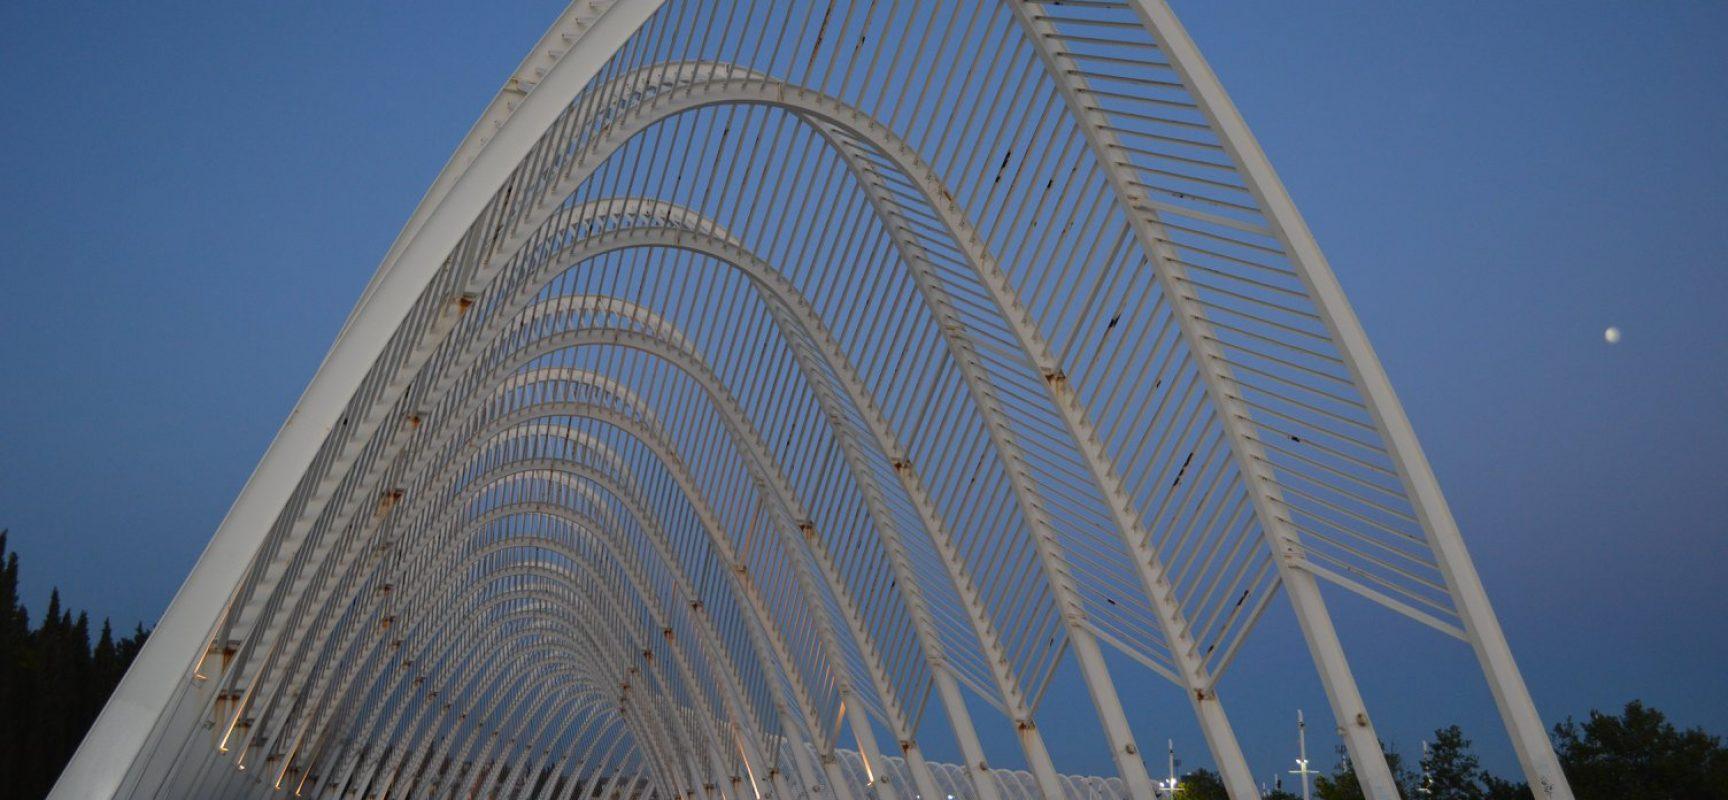 Προκήρυξη αγώνα ΑΧ Α'&Β' κατηγ. Ολυμπιακού & Σύνθετου Τόξου, ΟΑΚΑ, 19&20/5/18